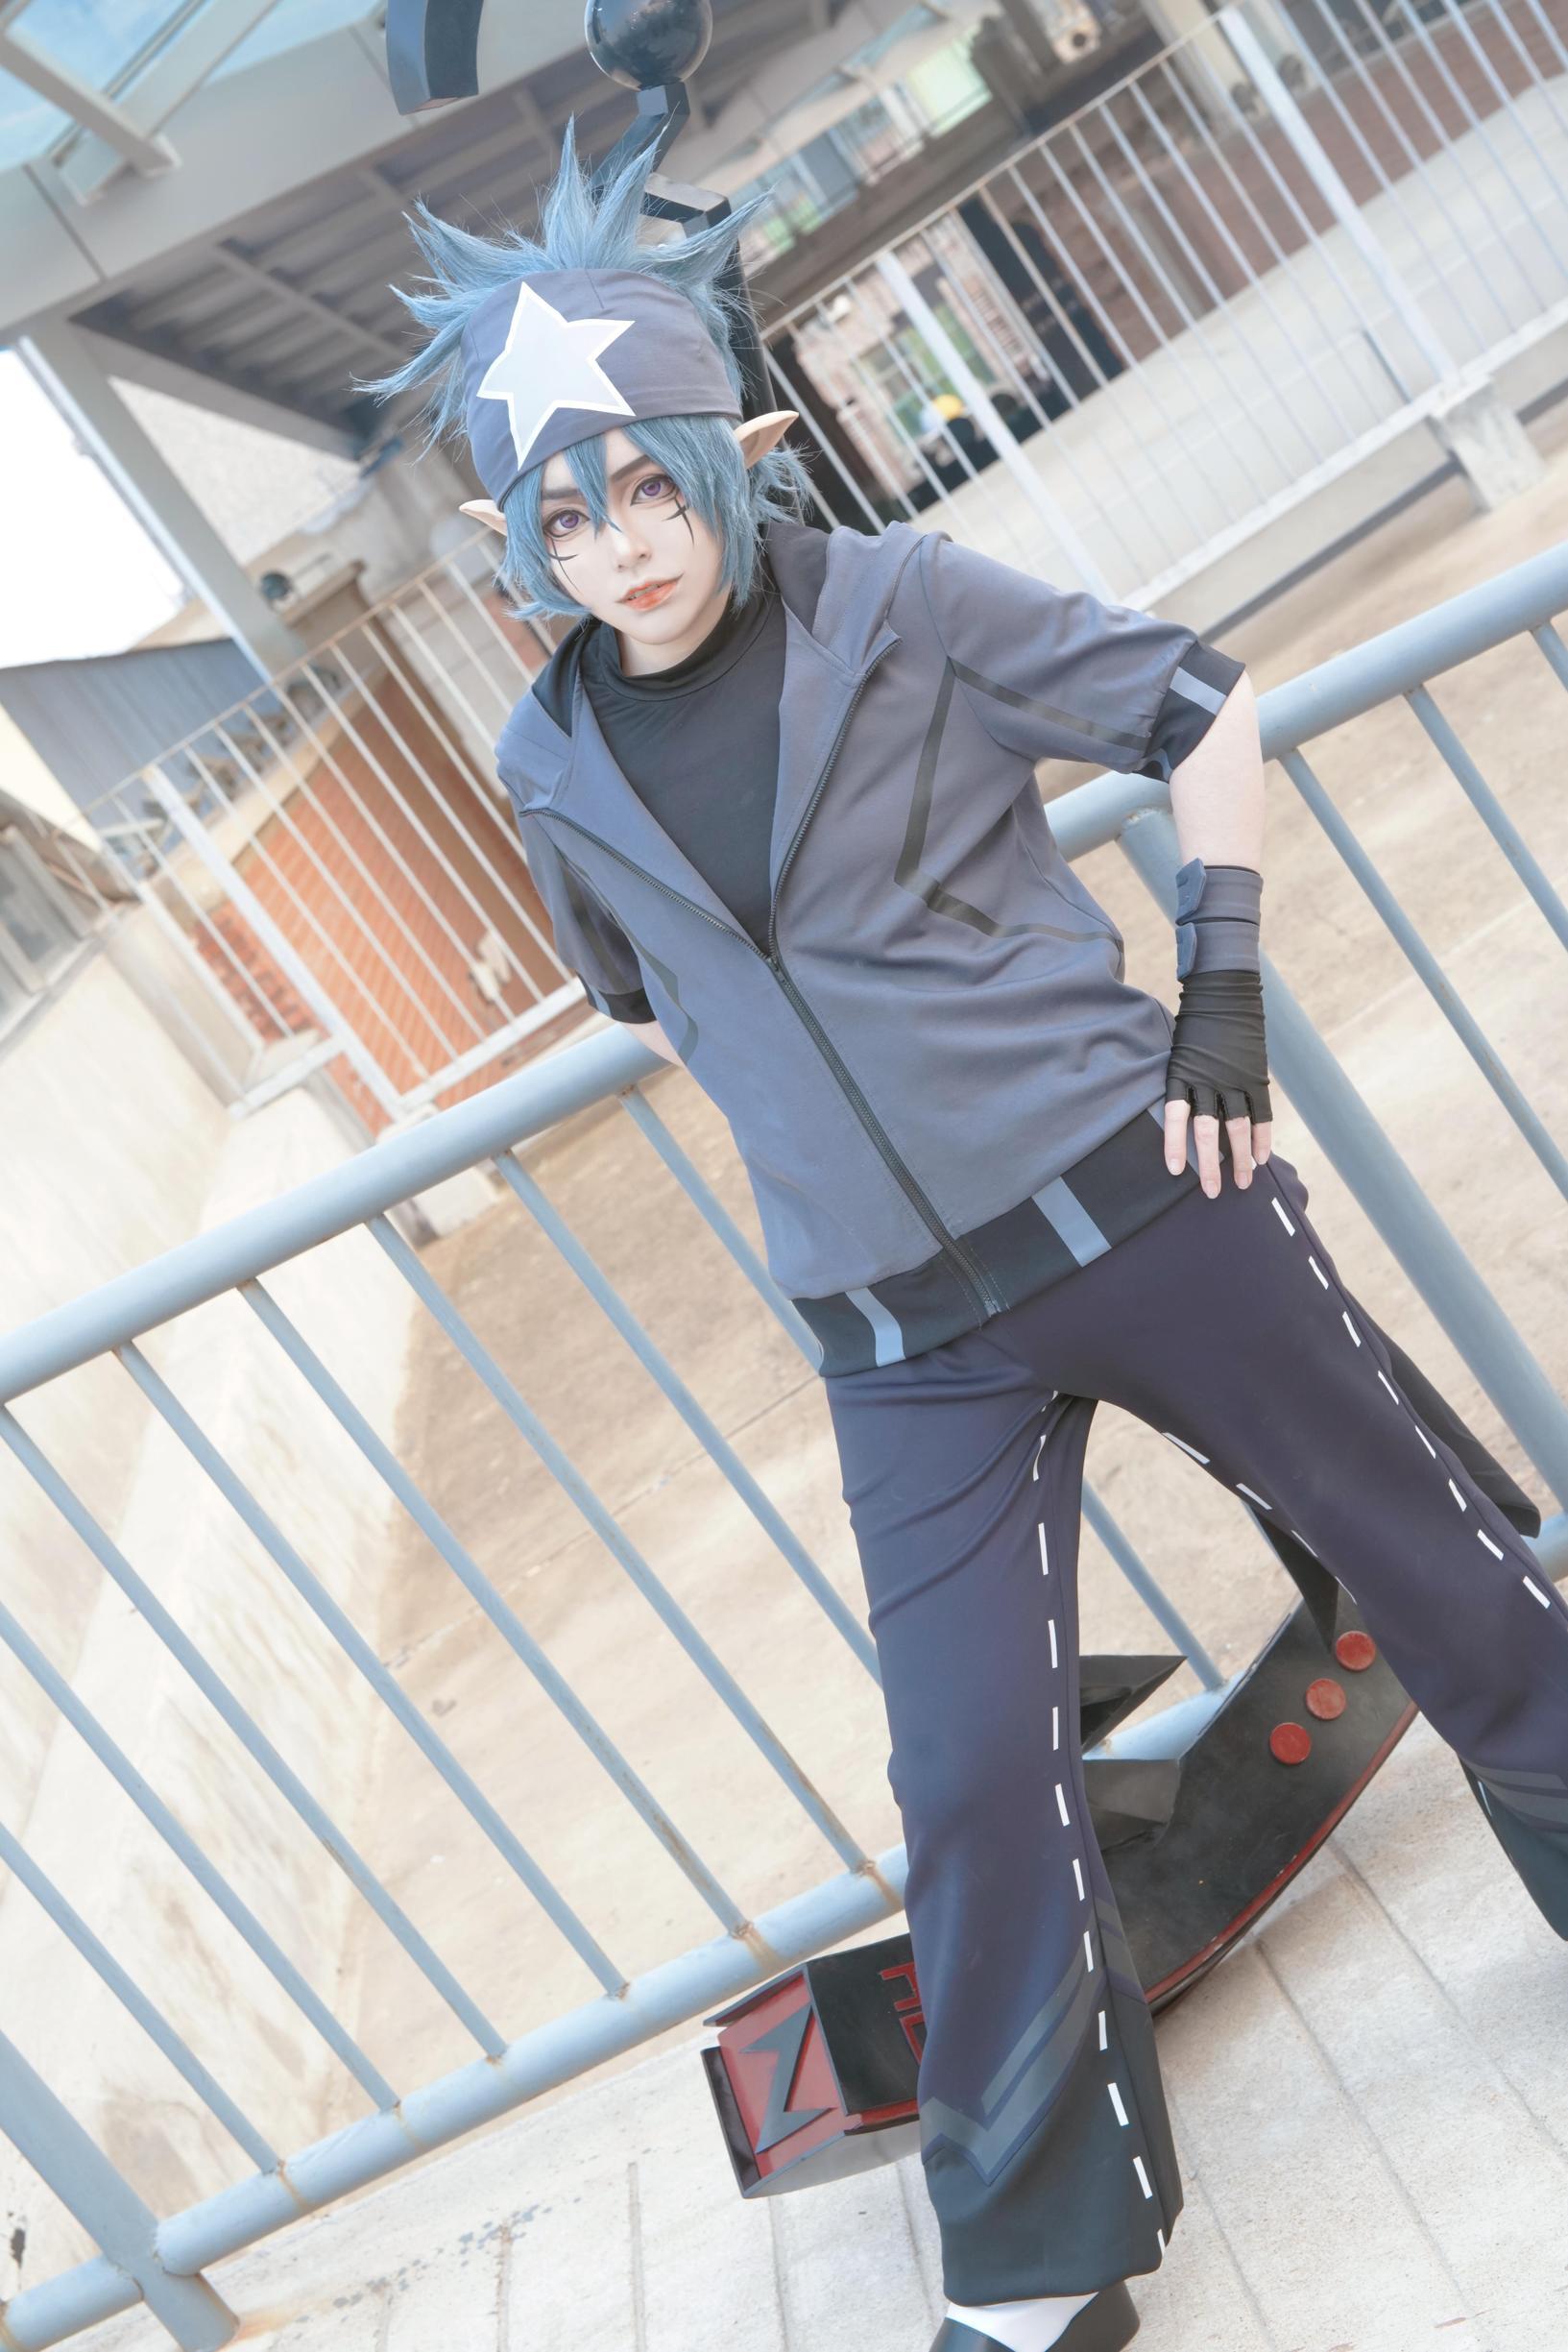 《凹凸世界》正片cosplay【CN:团子每天都要元气满满】-第4张